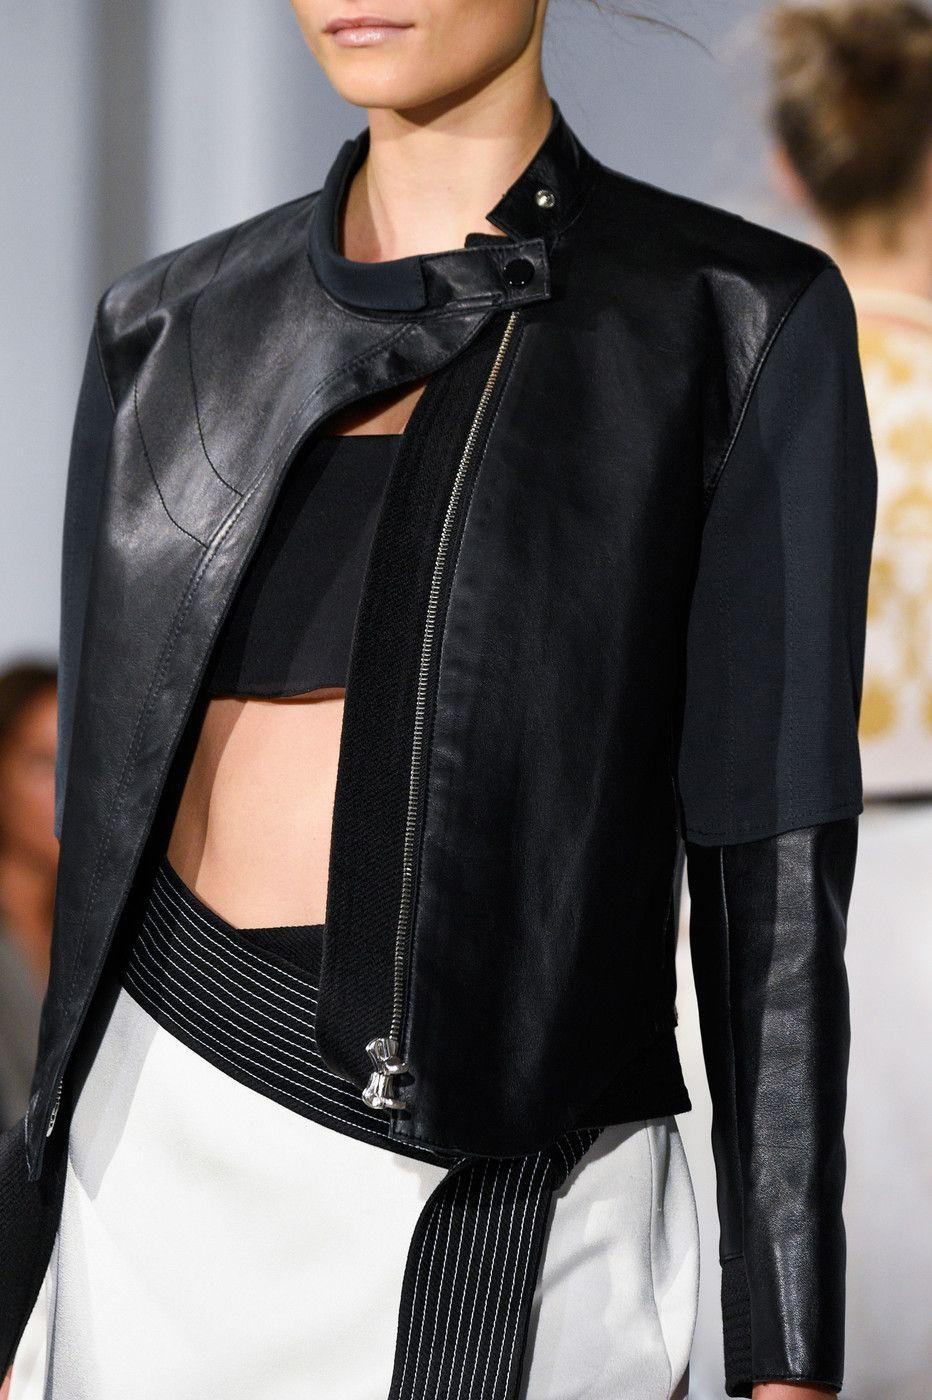 bb994b5e18 Pin by Rina Berdynaj on Runway Couture